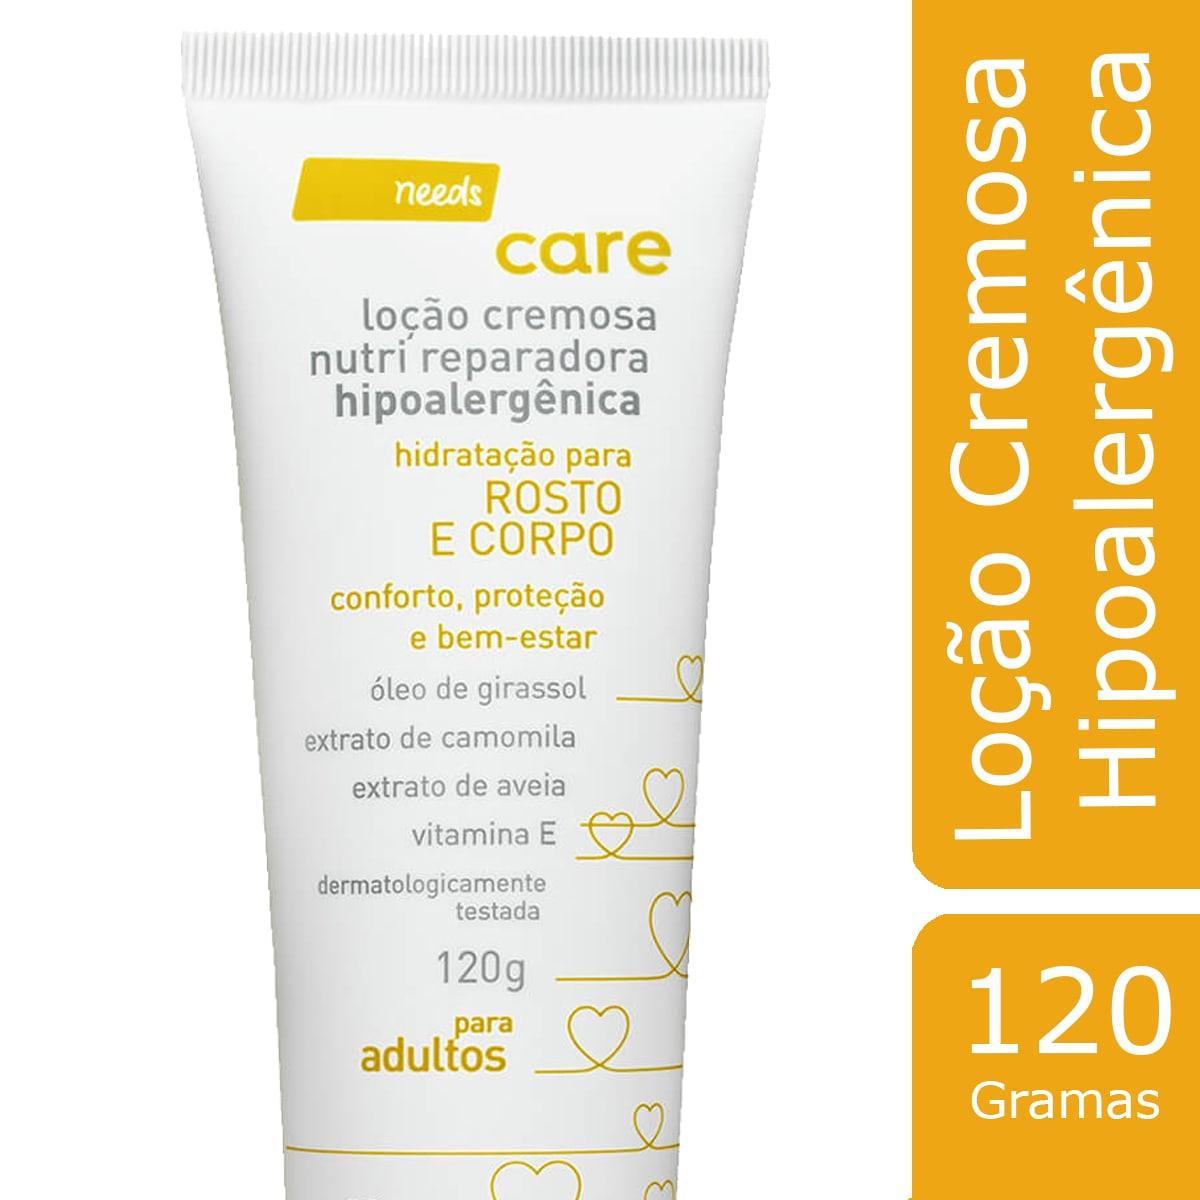 Loção Cremosa Needs Nutri Dermoprotetora Hipoalergênica 200ml